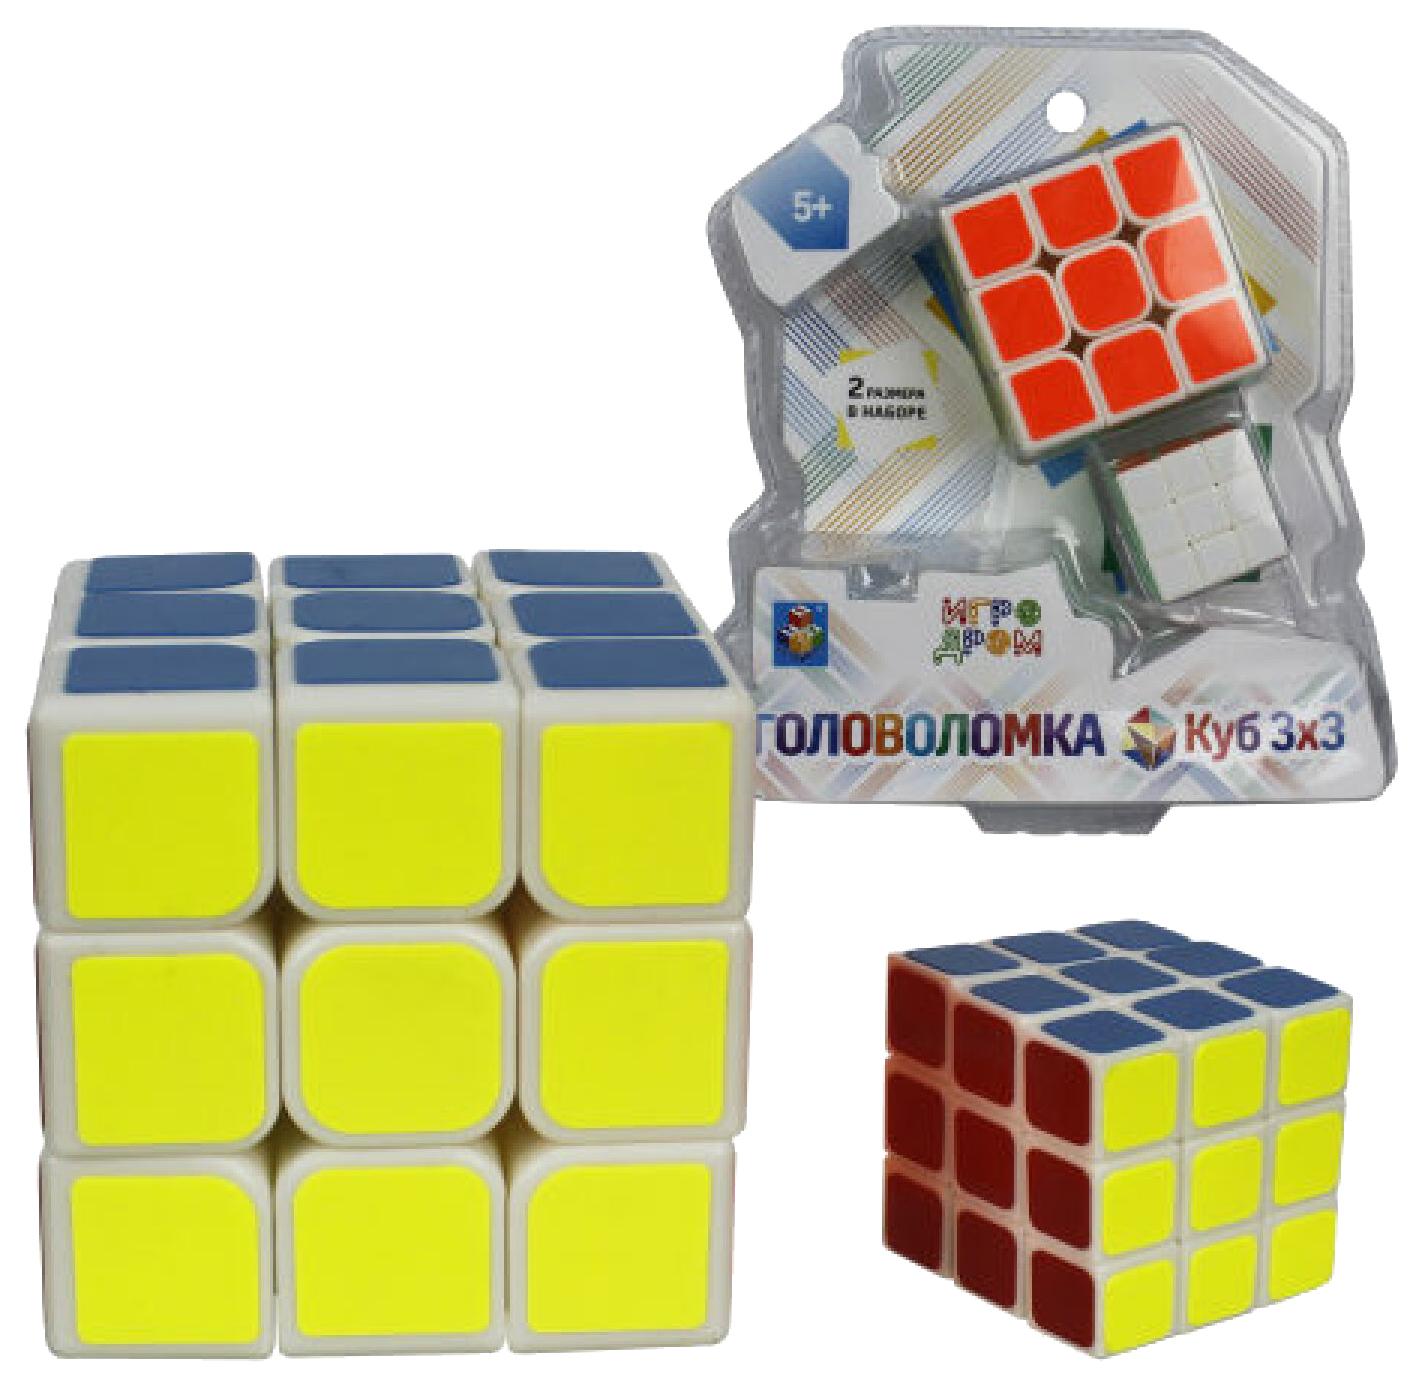 Головоломка 1Toy Куб 3 x 3 2 размера в наборе 5,5 см и 3 см 1 TOY